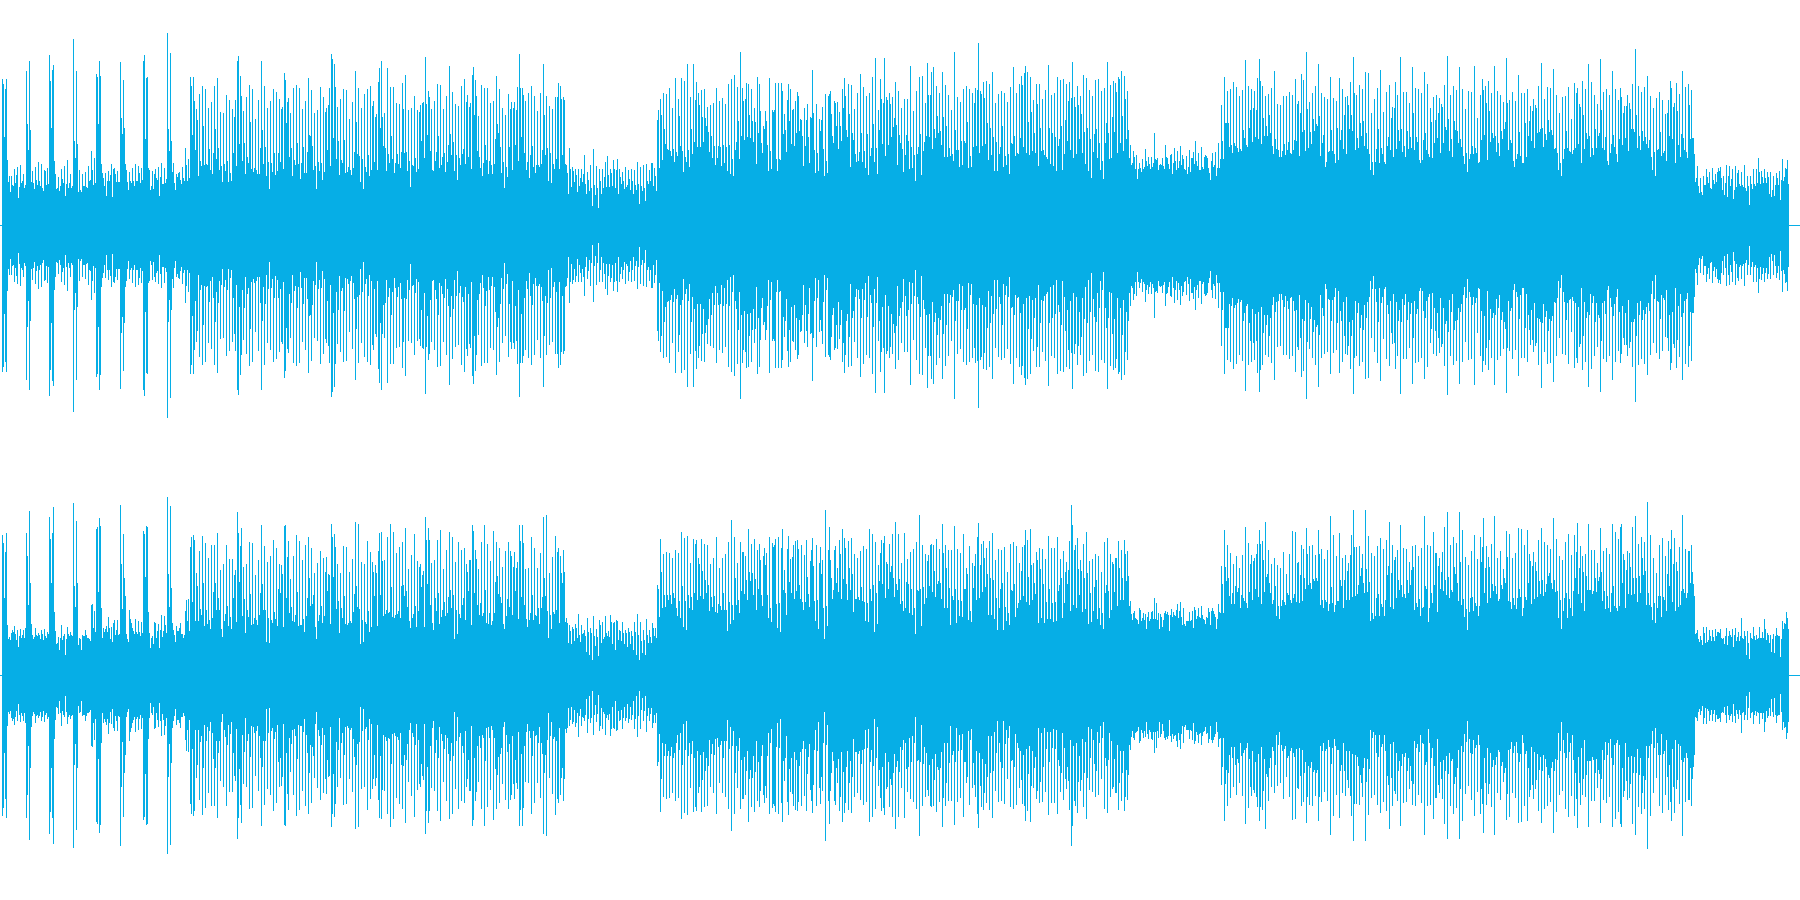 暗い雰囲気で攻撃的なループ系現代風ロックの再生済みの波形